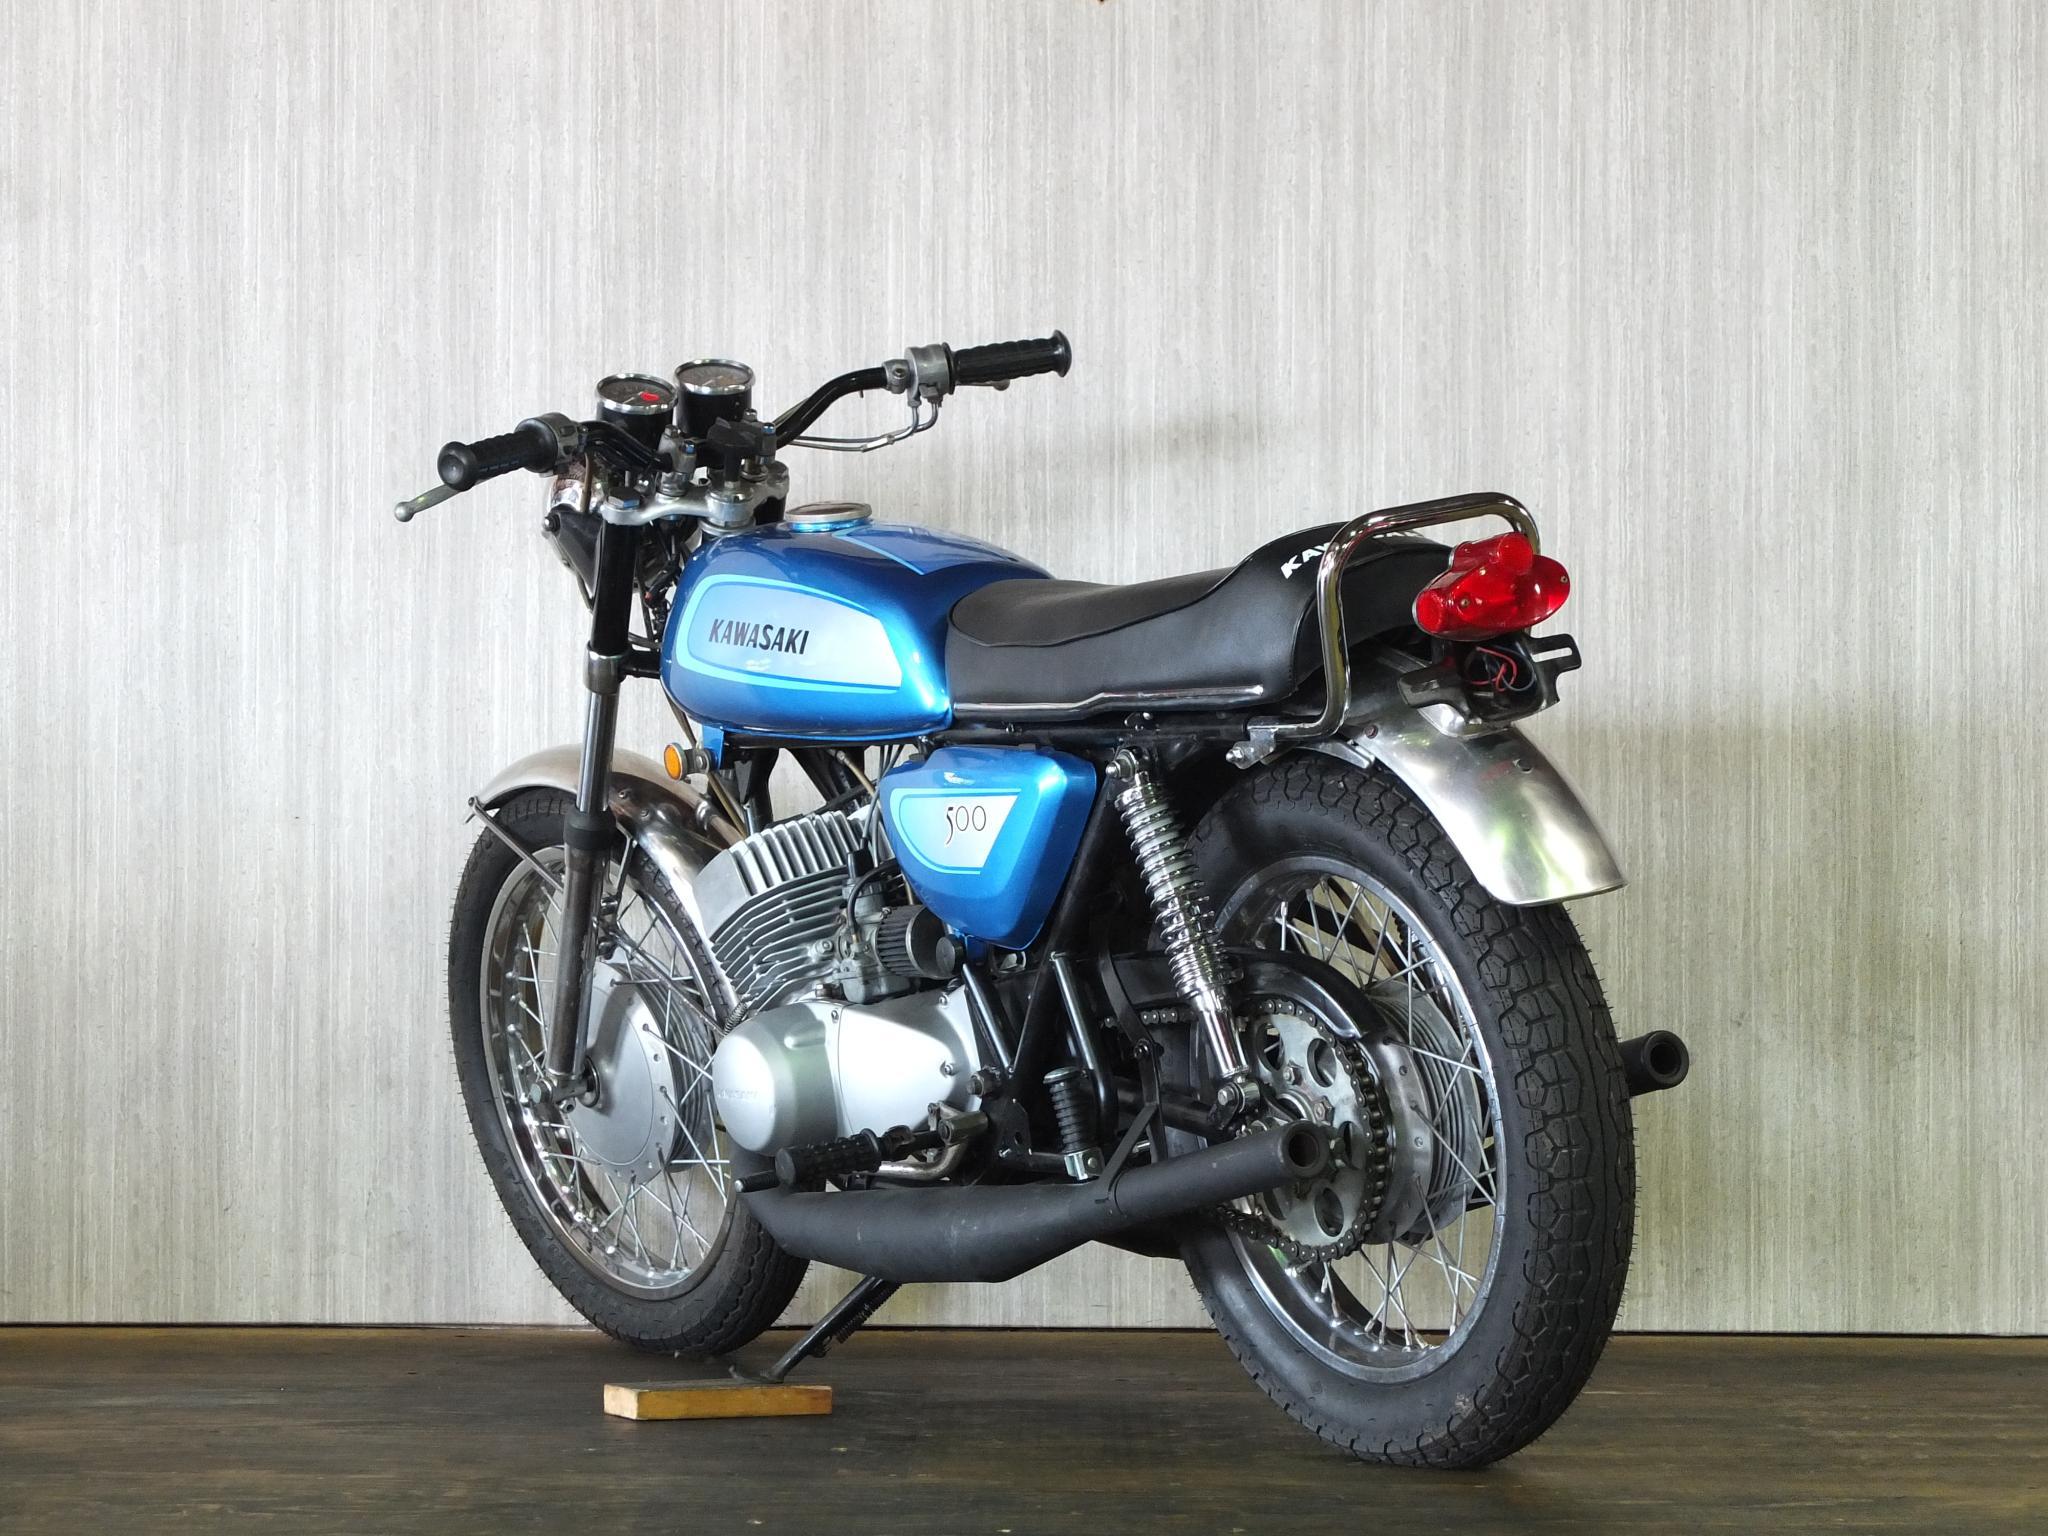 カワサキ 1971 Kawasaki SS500 車体写真6